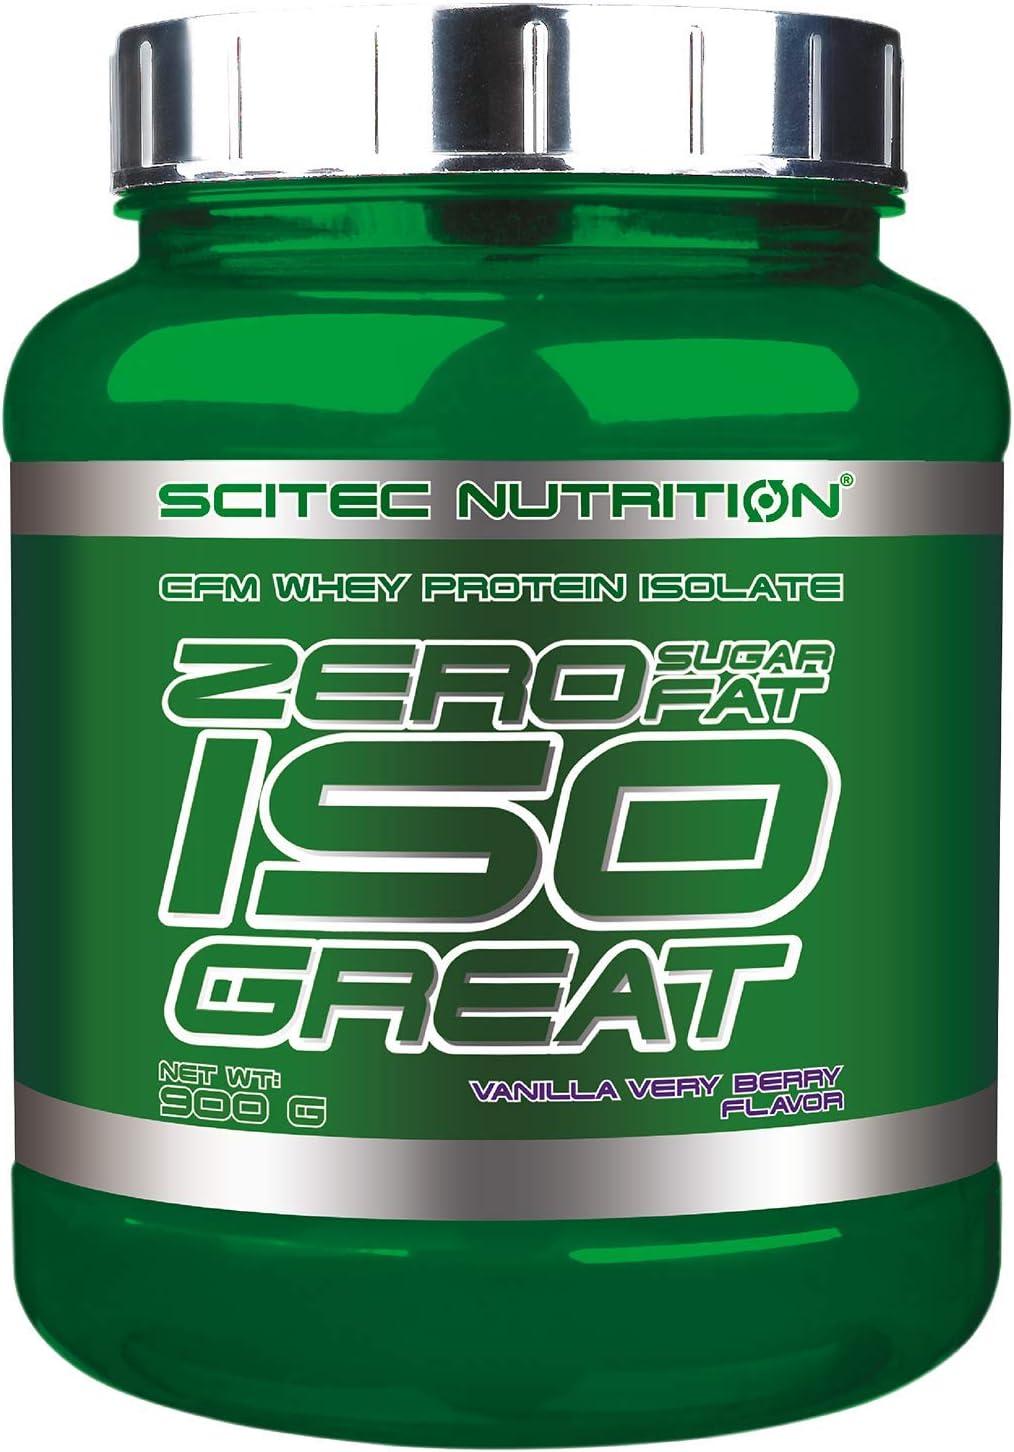 Scitec Nutrition Zero Isogreat, zero sugar/zero fat, aislado de proteína de suero, 900 g, Vainilla con frutas del bosque